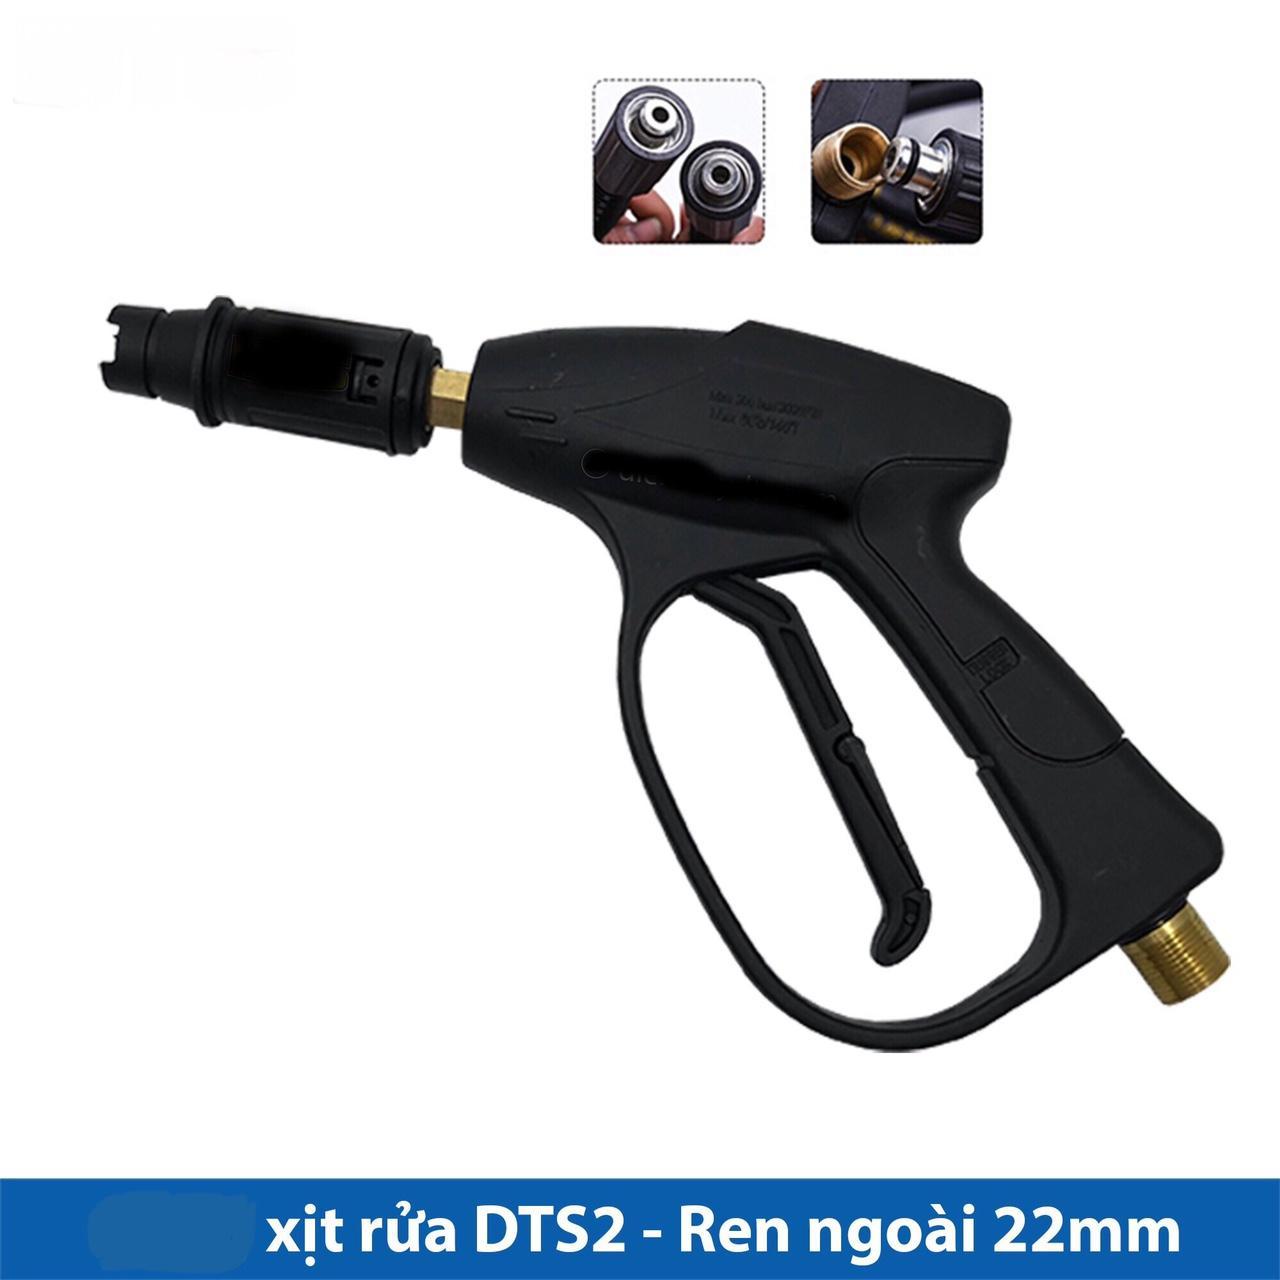 Vòi rửa xe cho máy xịt rửa áp lực cao -lắp được bình bọt, đầu loe 22mm